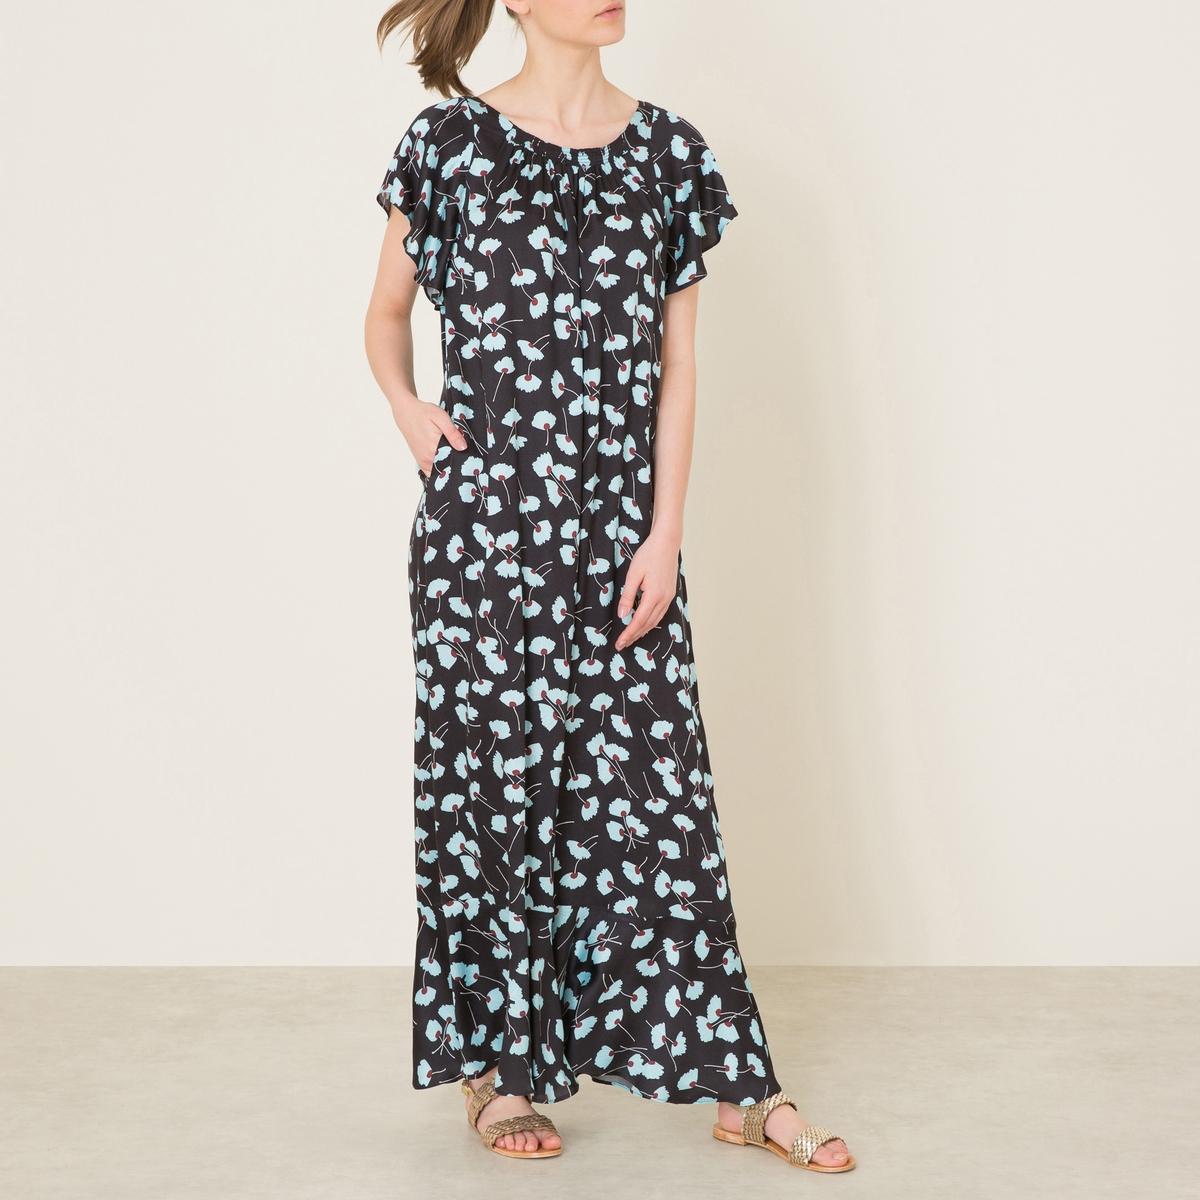 Платье GLAIEULДлинное платье PAUL AND JOE SISTER - модель GLAIEUL, цветочный рисунок, 100% вискоза. Круглый вырез с оборками. Рукава-бабочки. Воланы по низу.Состав и описание Материал : 100% вискозаДлина : 145 см. для размера 36Марка : PAUL AND JOE SISTER<br><br>Цвет: черный<br>Размер: 40 (FR) - 46 (RUS)